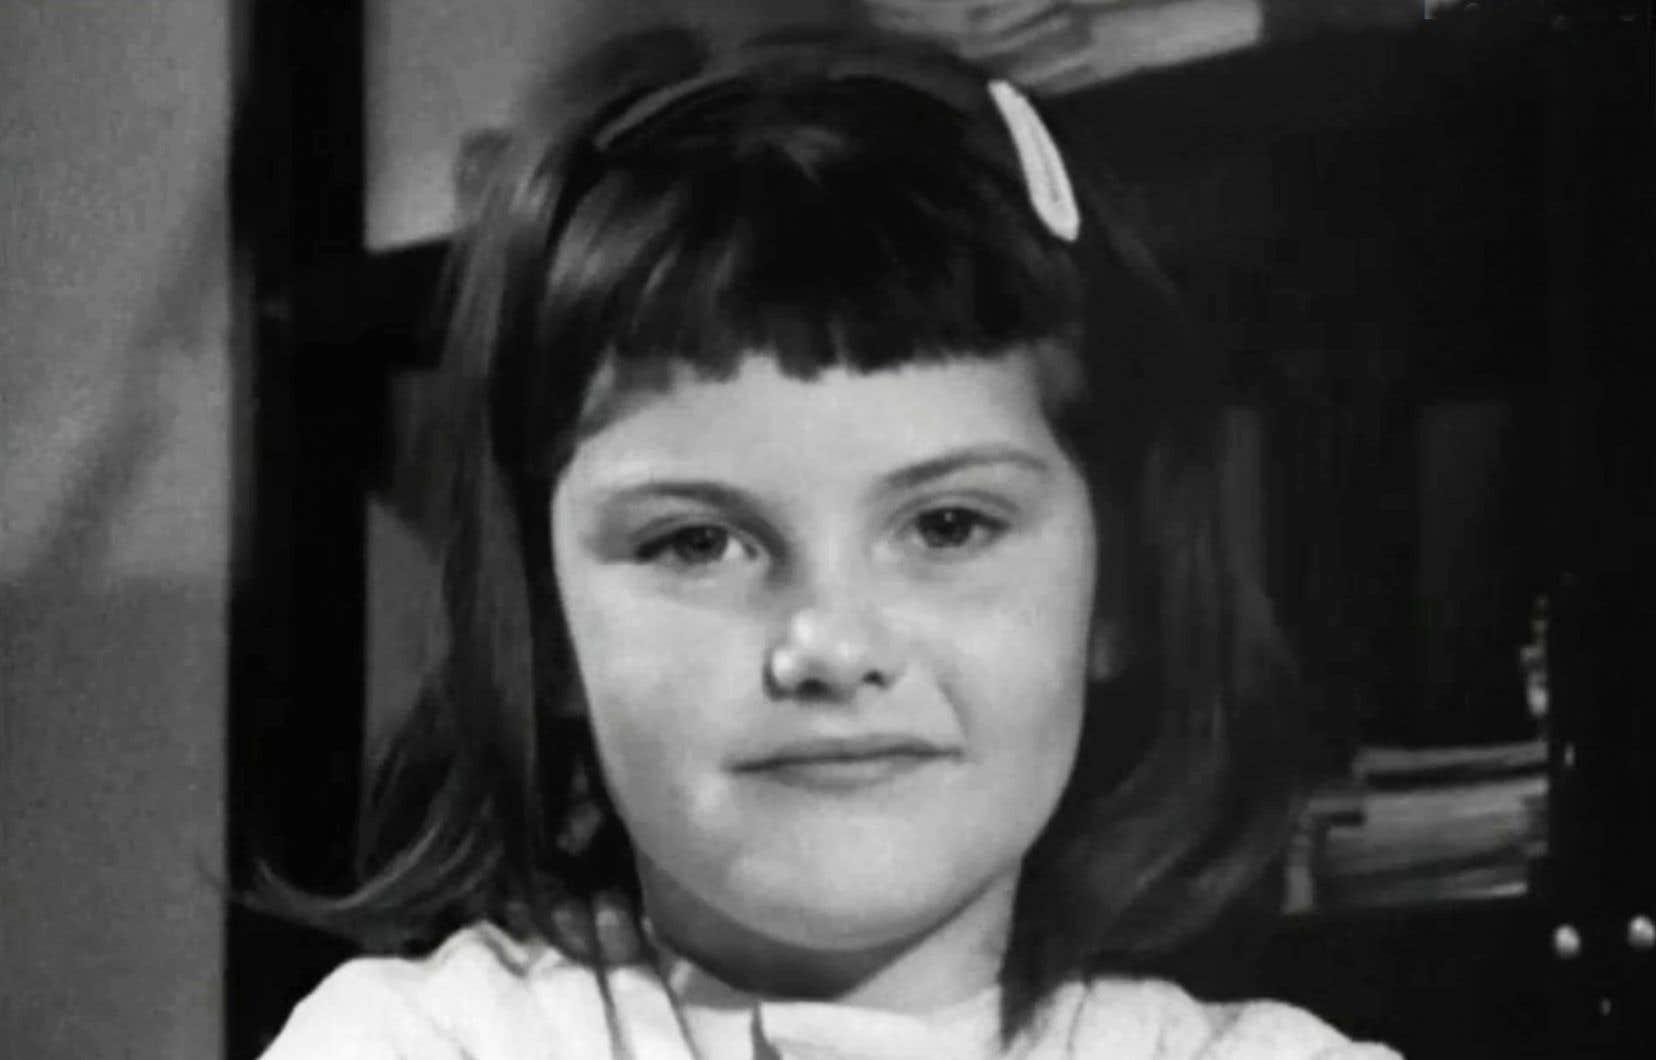 Sue, que l'on voit ici à 7 ans, est aujourd'hui à l'aube de la retraite après une carrière bien remplie, un modèle de résilience avec un perpétuel sourire.